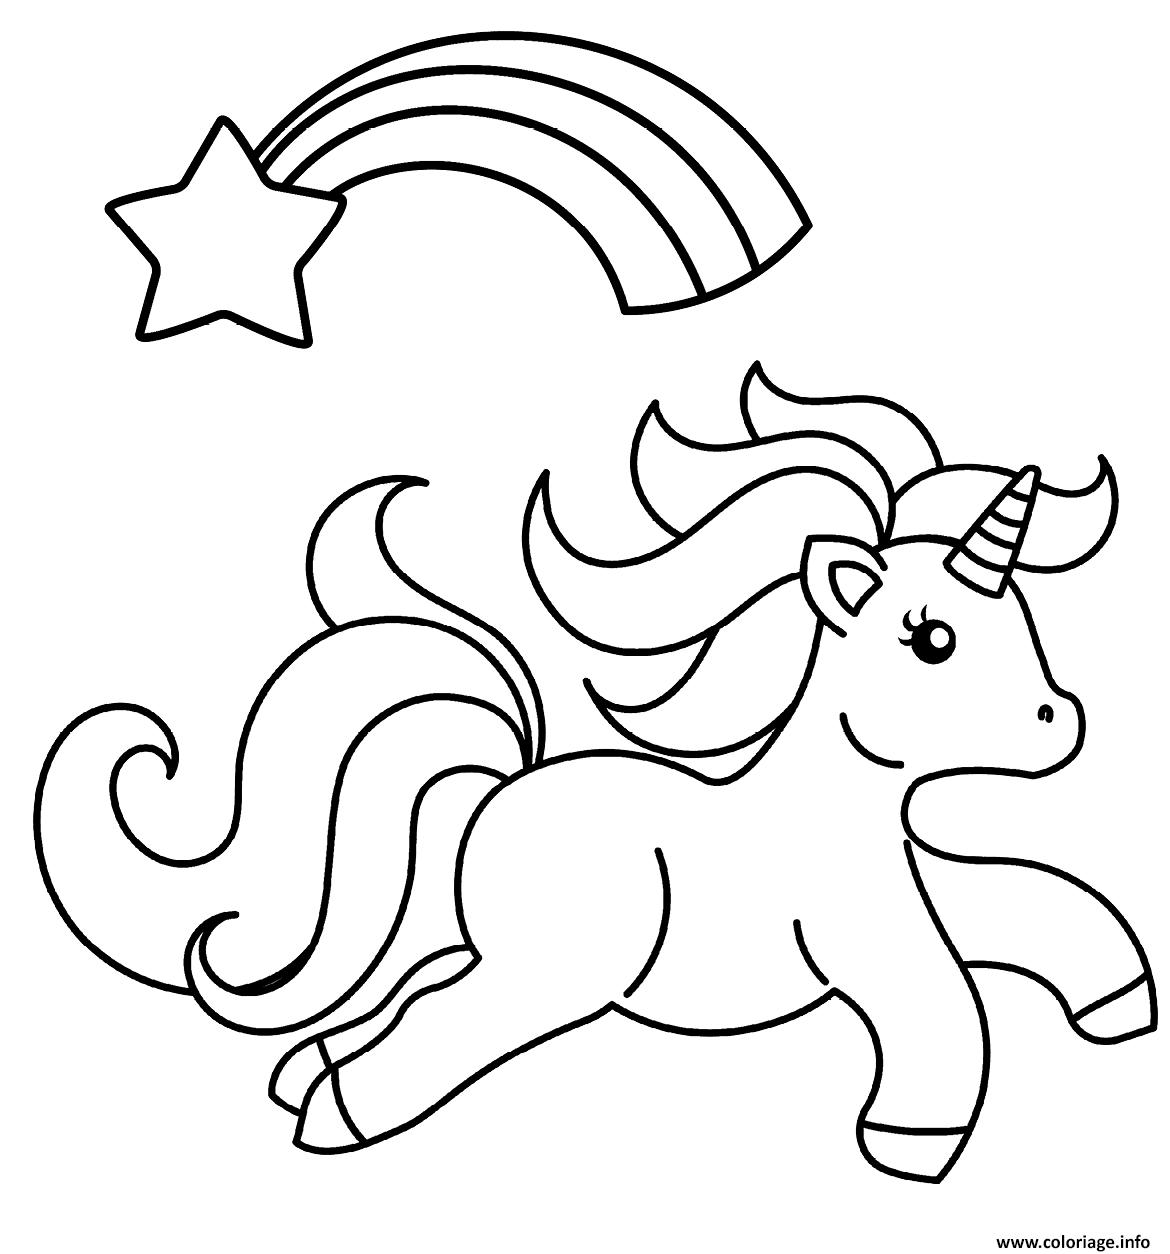 Coloriage bebe licorne magique avec un arc en ciel et une ...